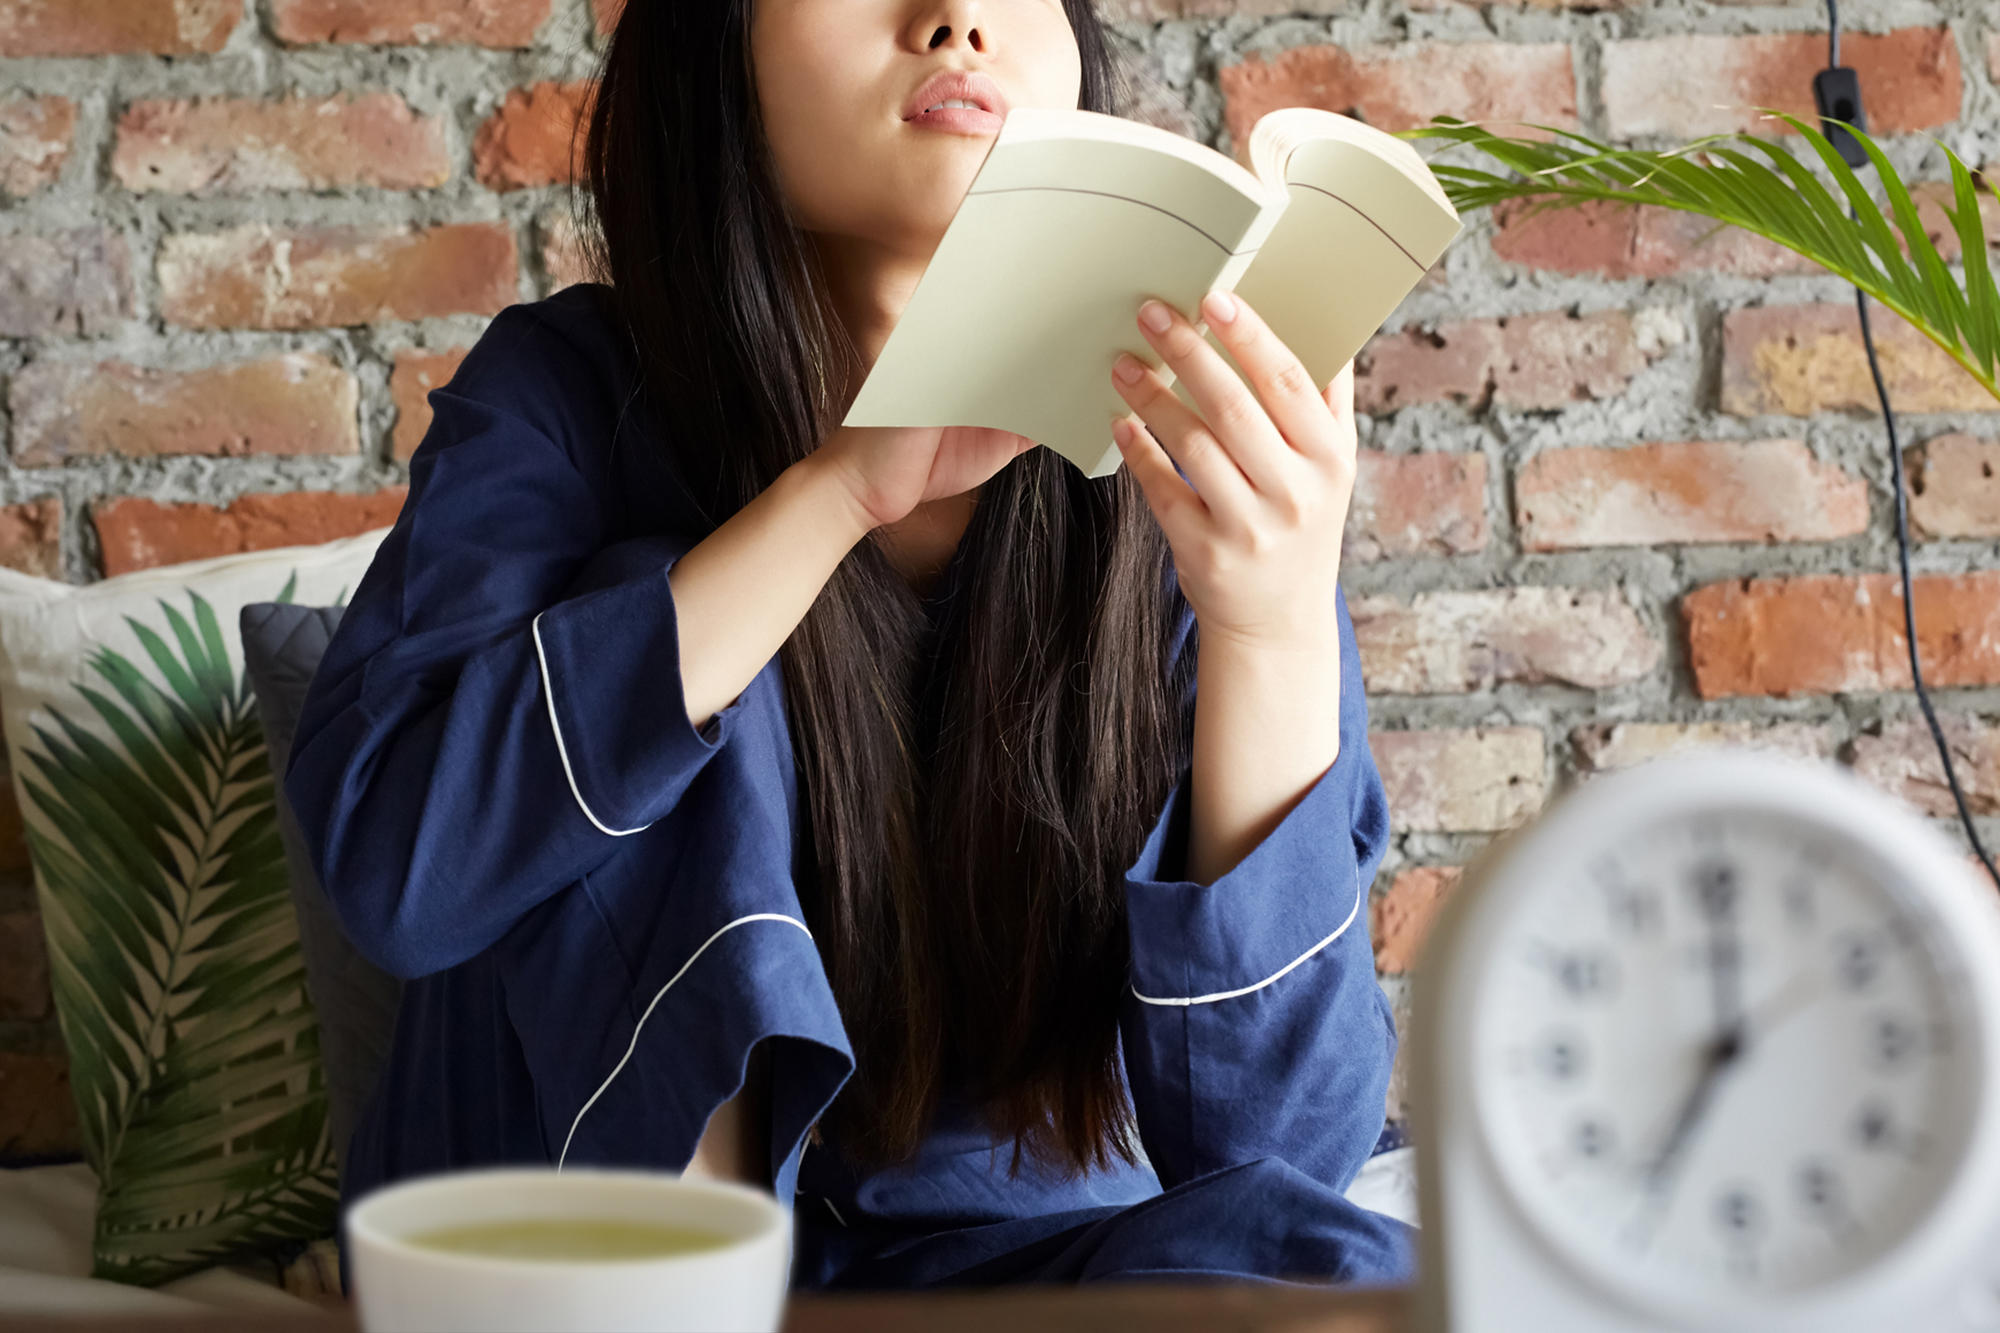 【おいしい時間】出勤前のアイドリングタイム=<ゆるっと朝活>始めよう!